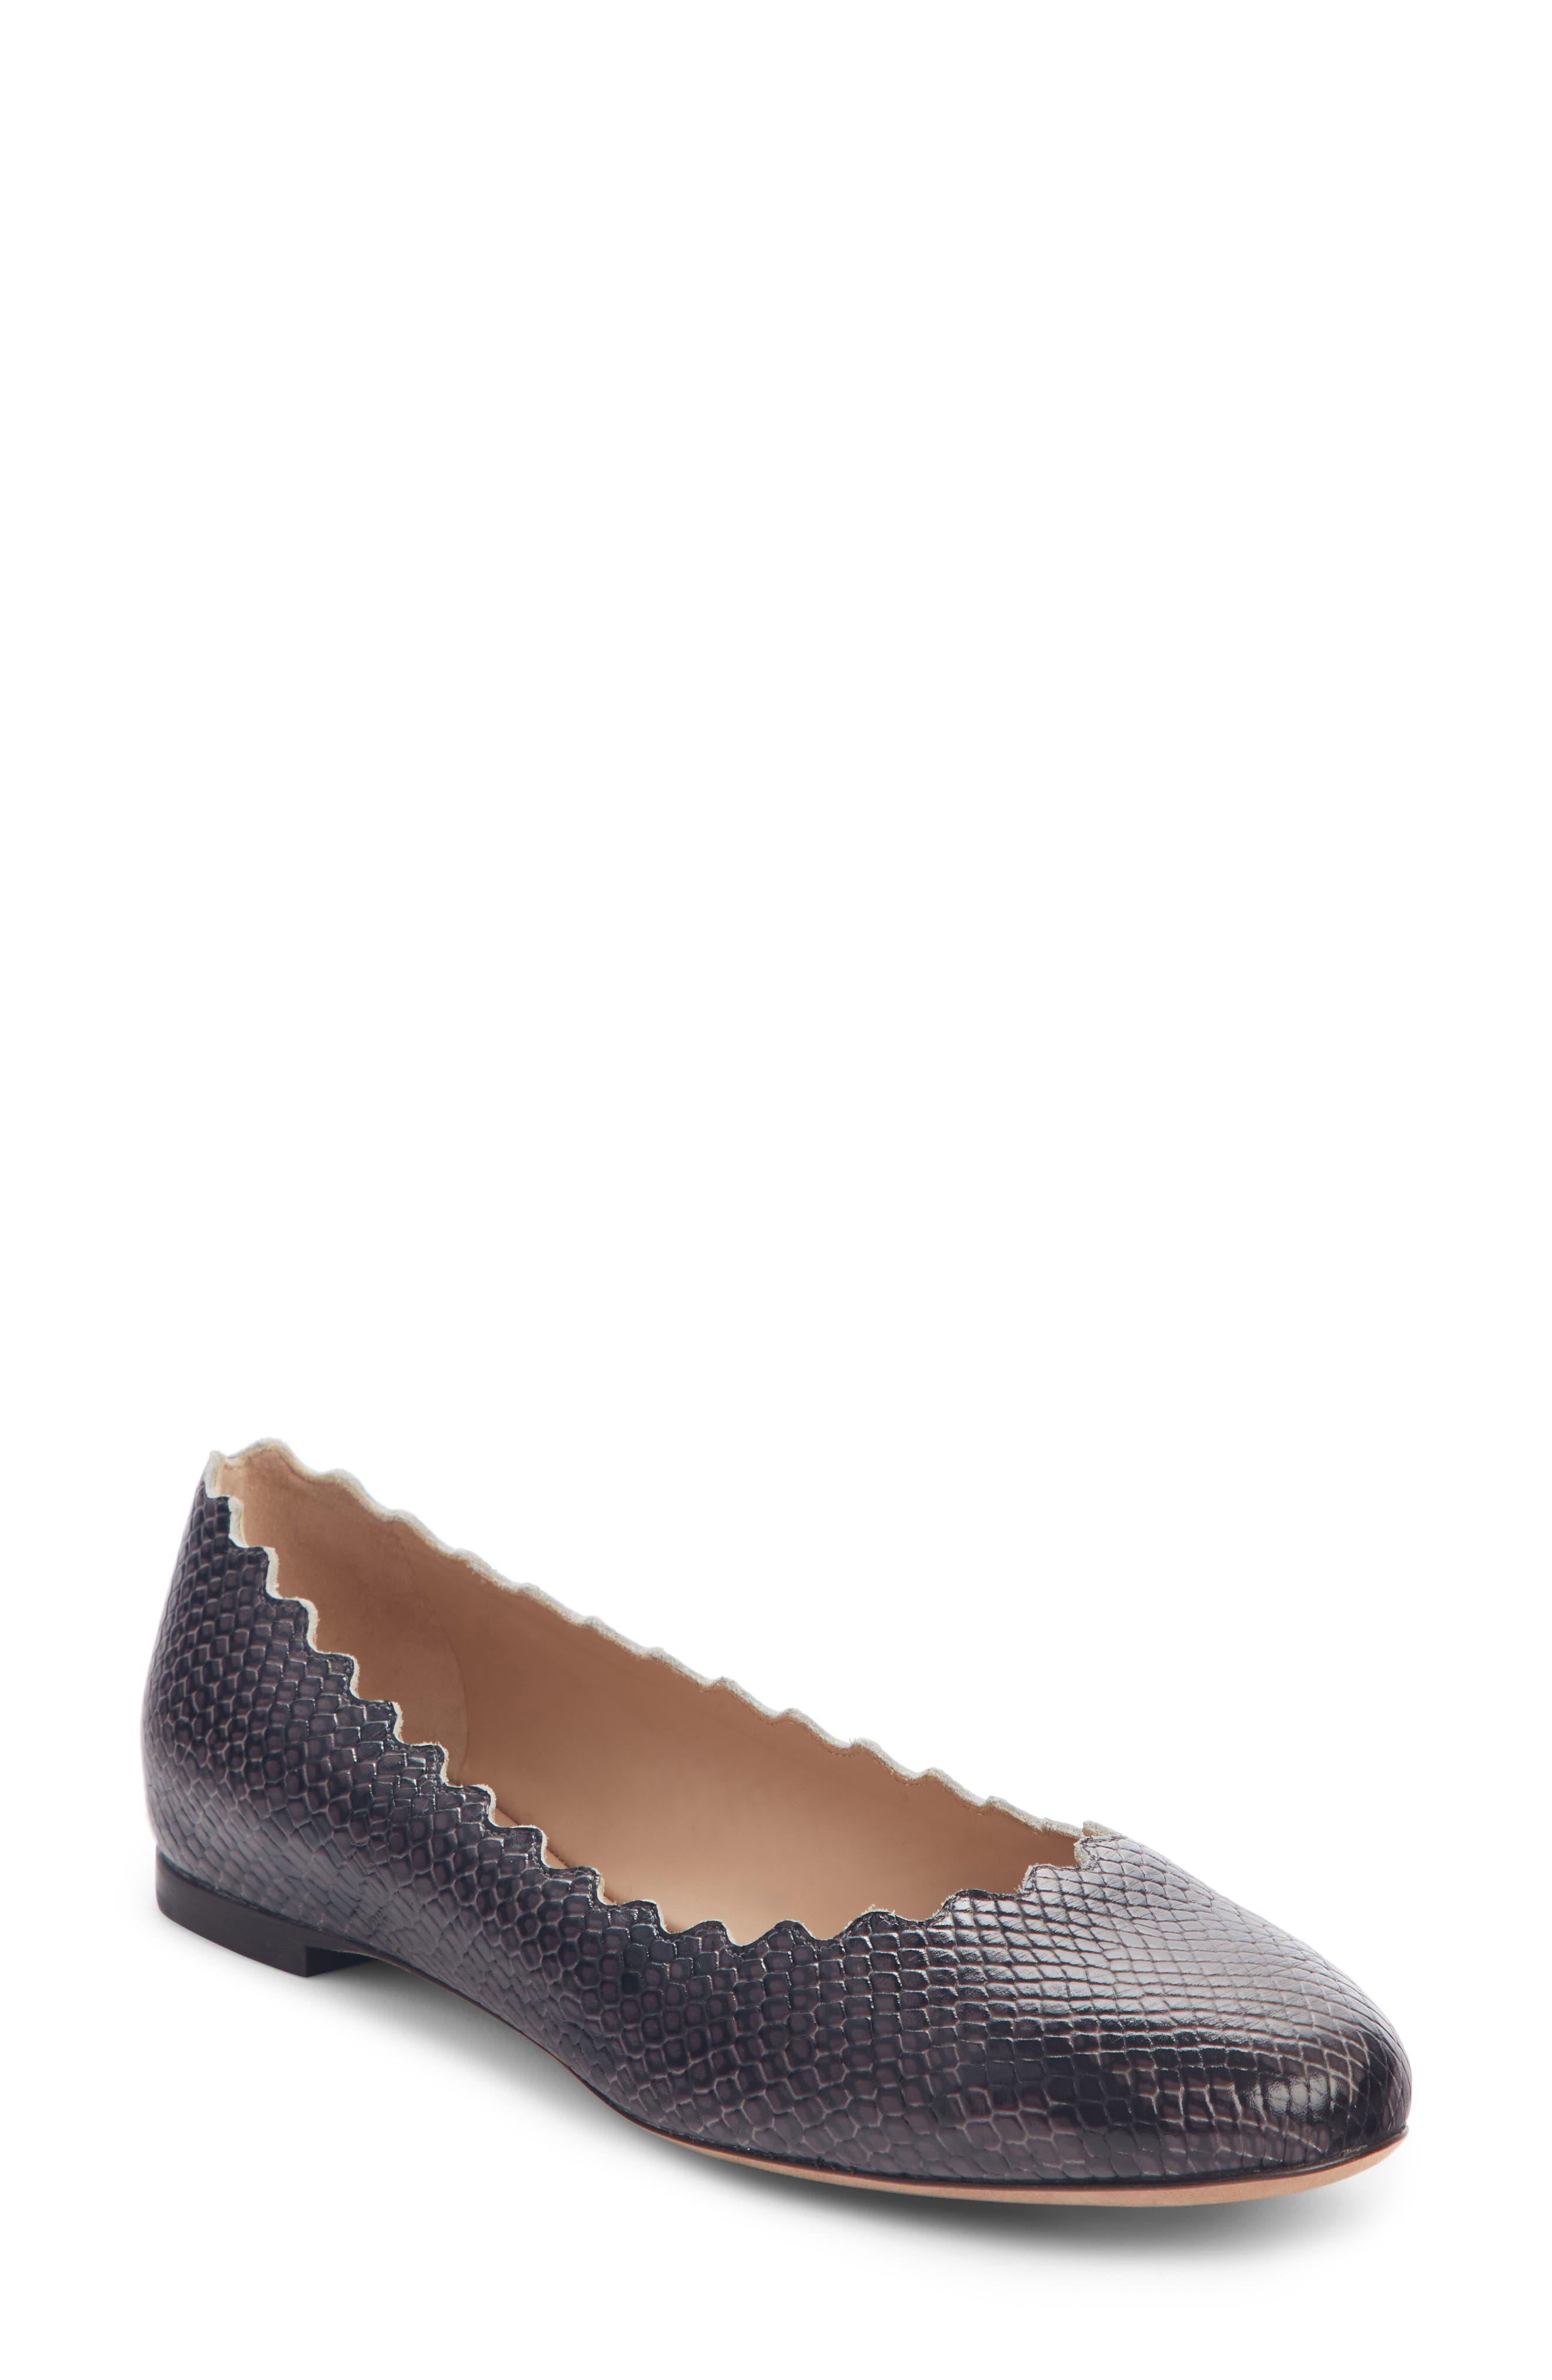 5d855e8293a Chloé Women s Flats Shoes